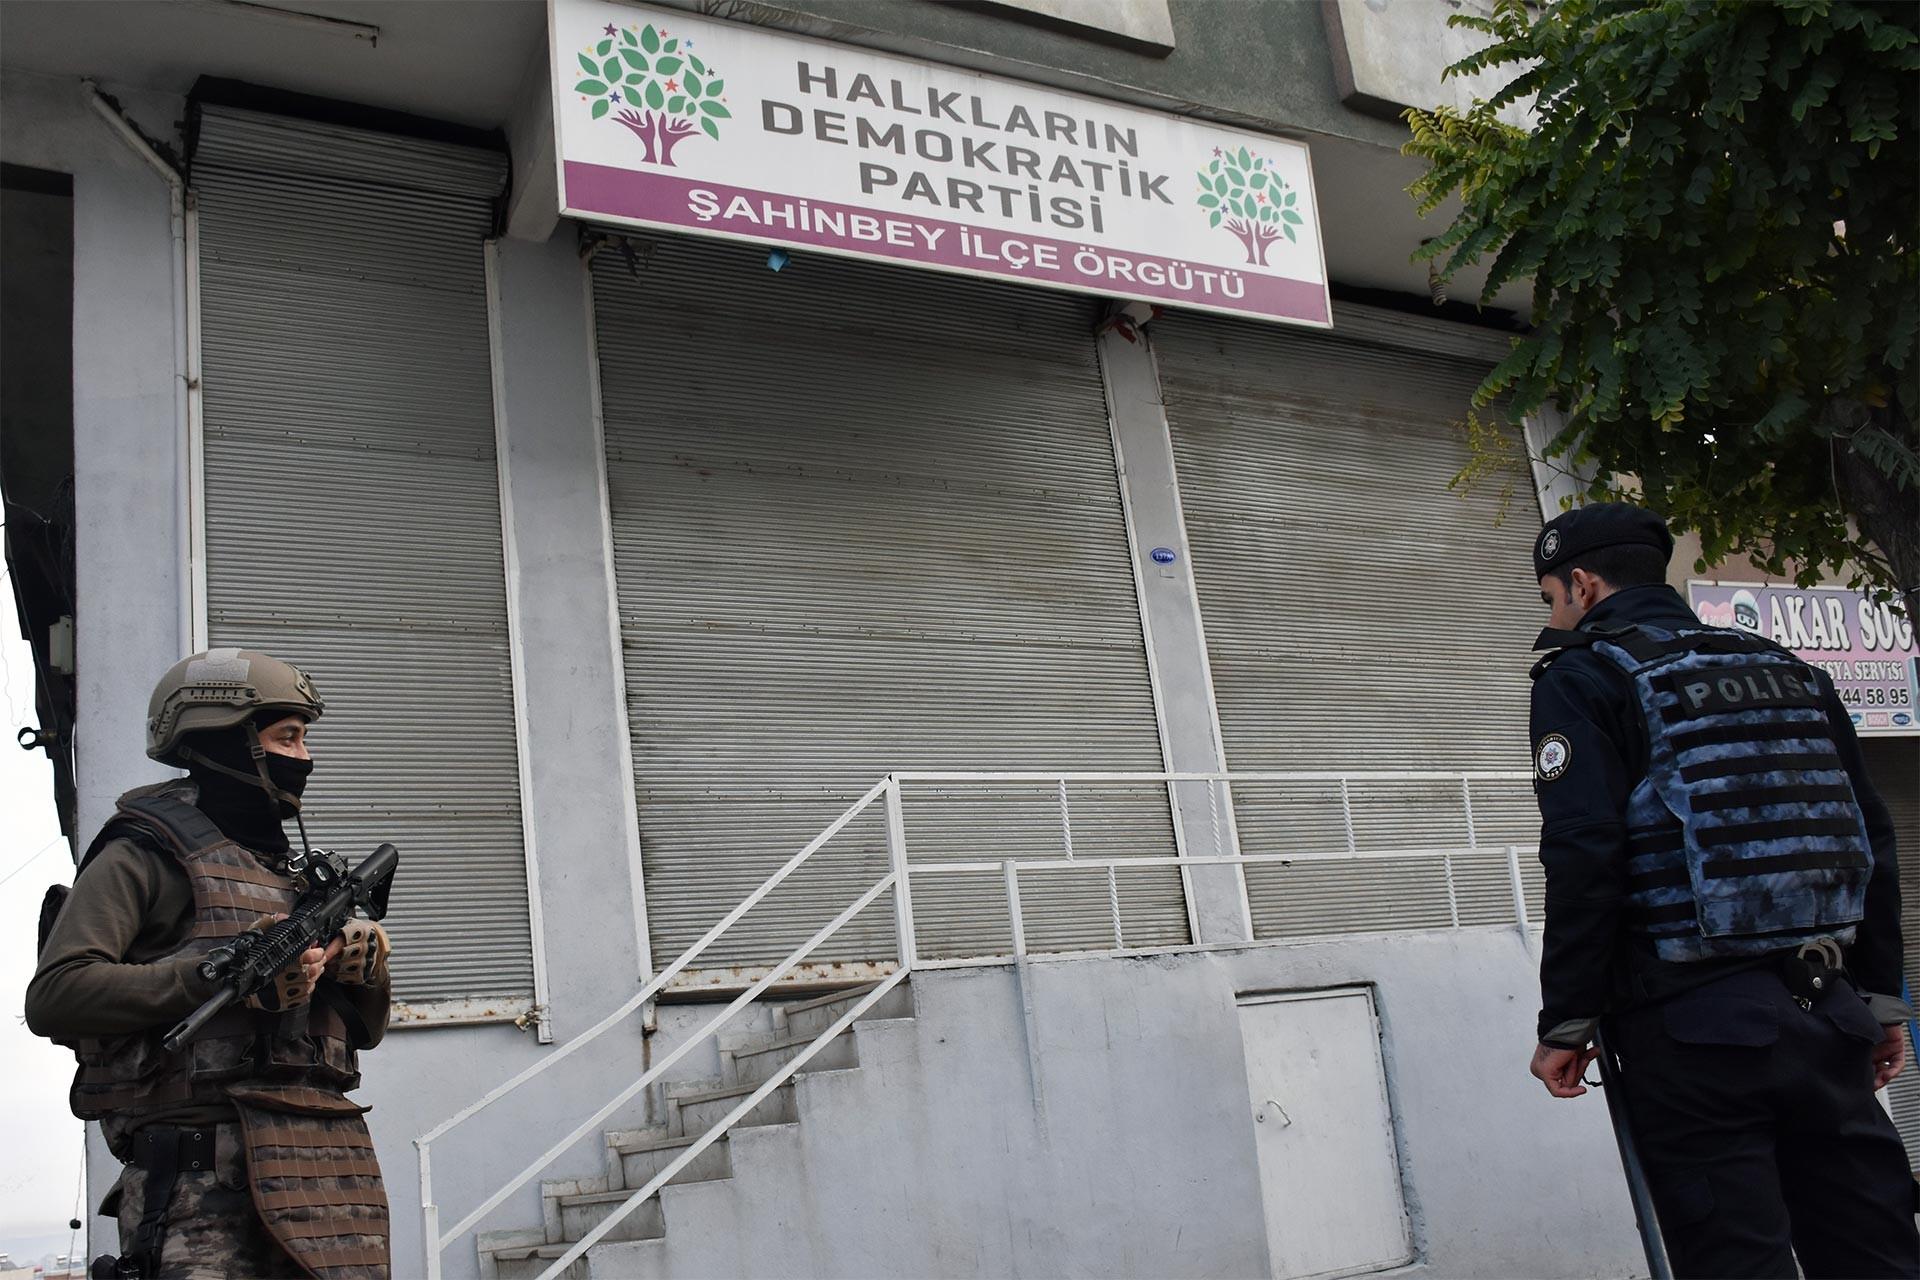 HDP Şahinbey İlçe Örgütü binası önünde bekleyen polisler